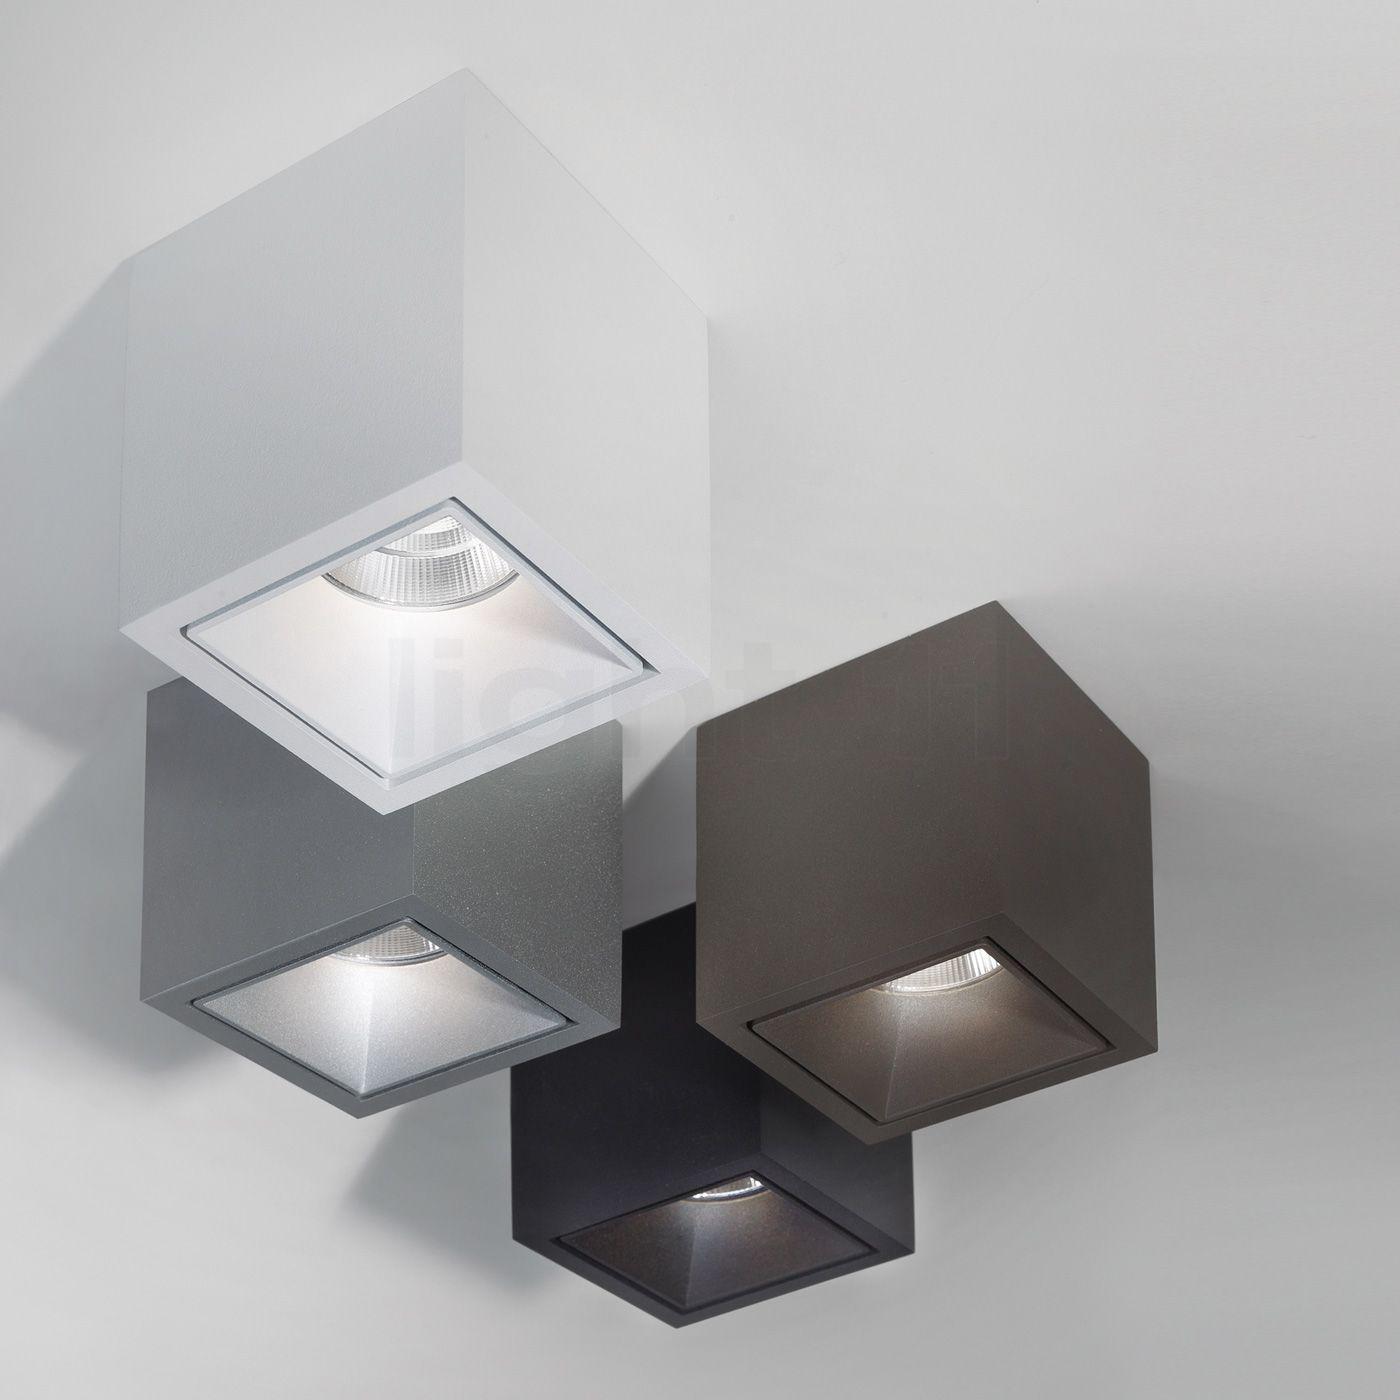 Delta Light Boxy L Led 92733 Dim8 Wohnzimmerbeleuchtung Licht Und Architektur Kuchenlampen